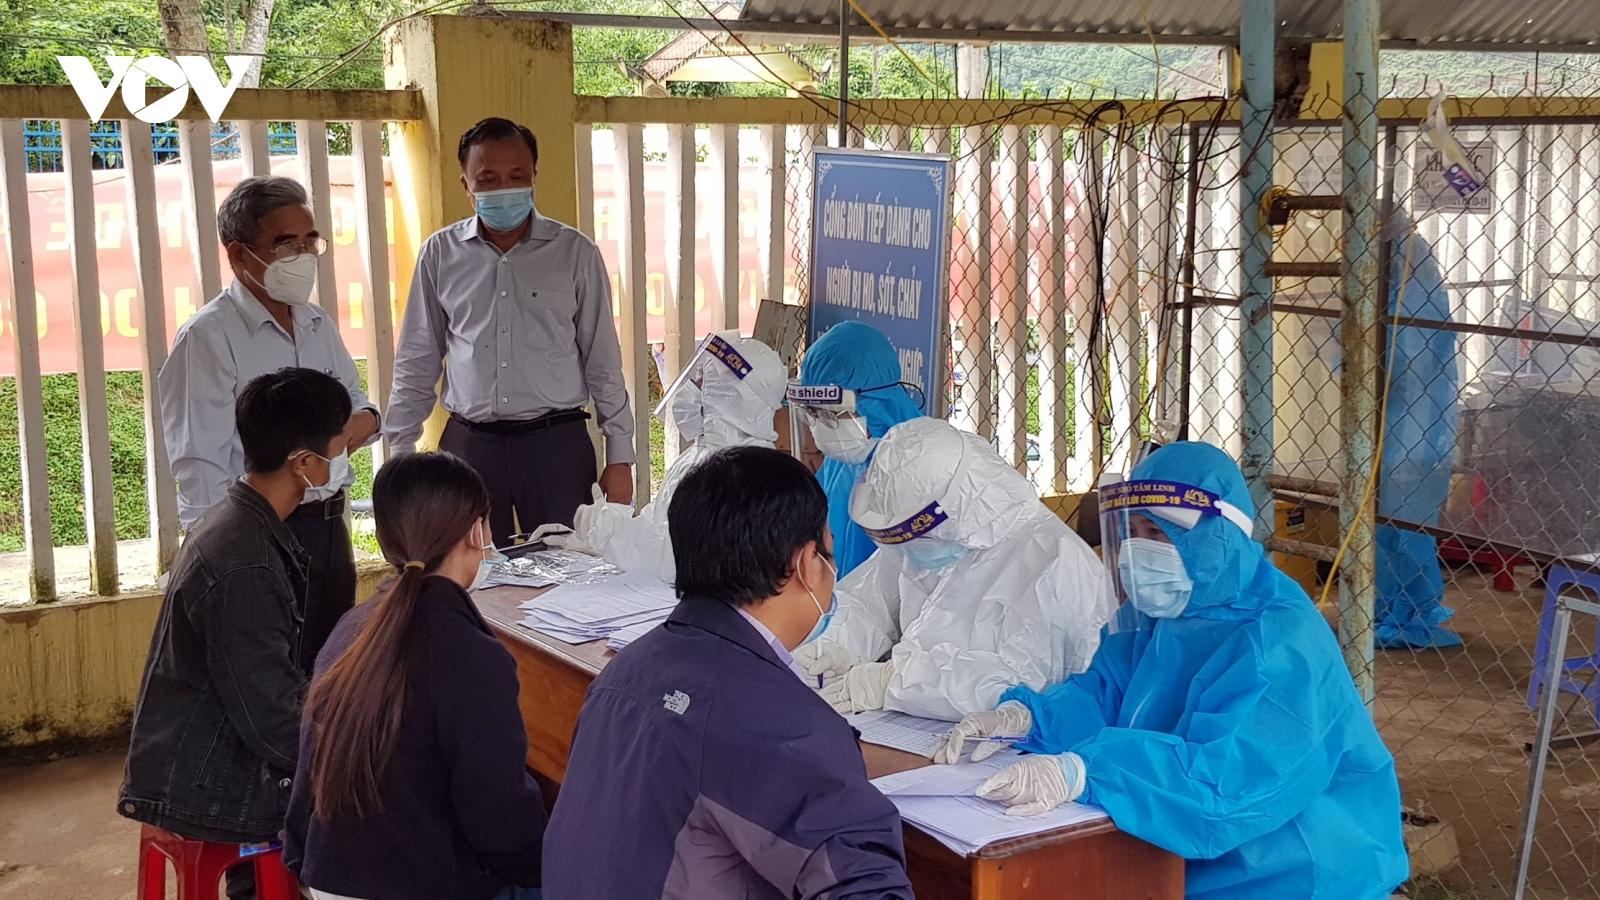 Quảng Nam, Lai Châu ghi nhận thêm nhiều ca mắc Covid-19